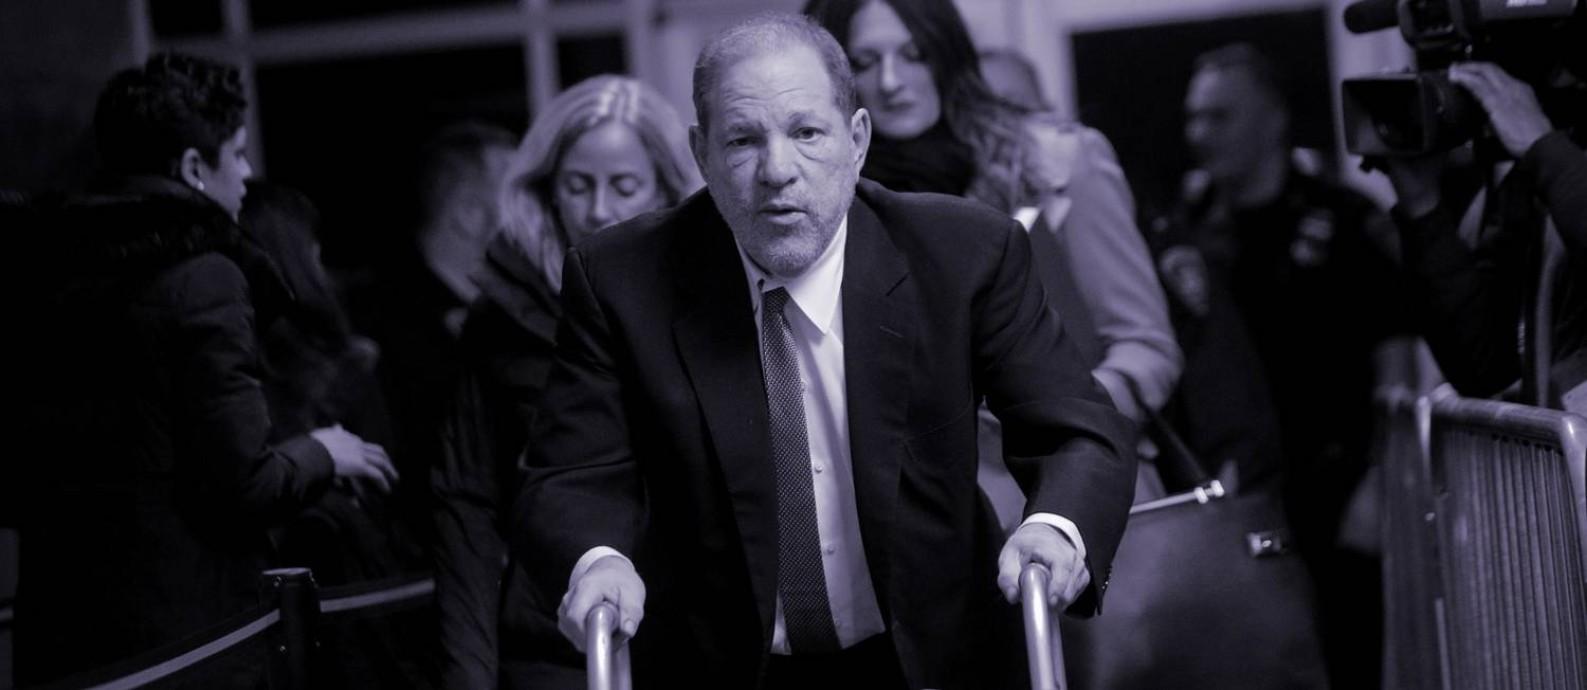 Outrora poderoso produtor de Hollywood, Harvey Weinstein poderá enfrentar a prisão perpétua se for condenado pela acusação mais grave, de agressão sexual predatória Foto: Reuters